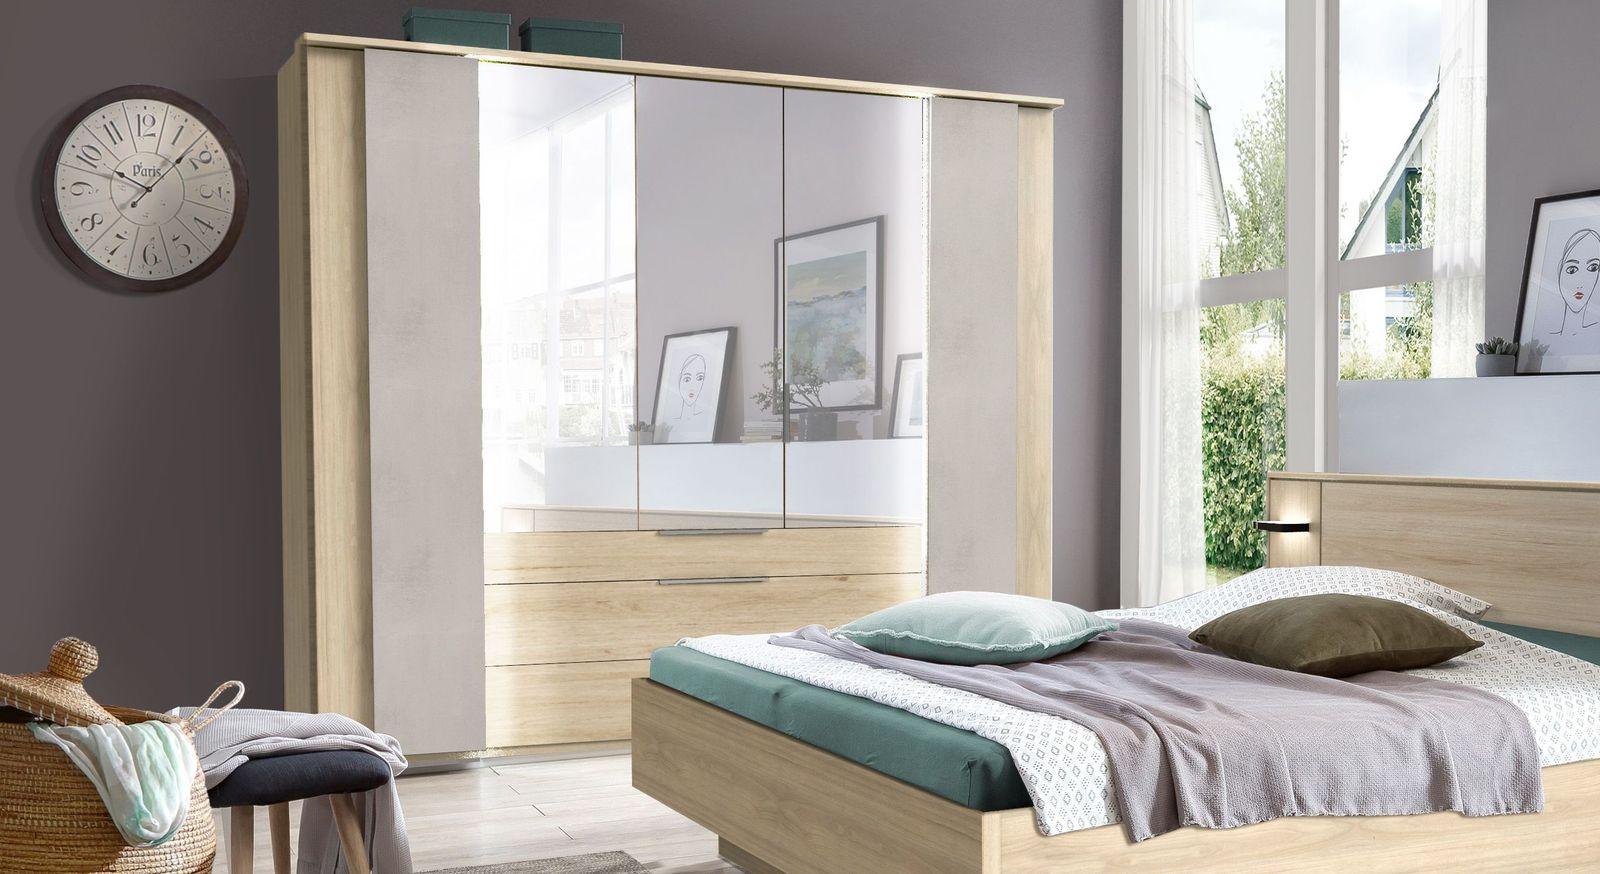 Viel stauraum für ihre utensilien der spiegel kleiderschrank hayward hier 5 türig in hickory oak nachbildung und beton dekor